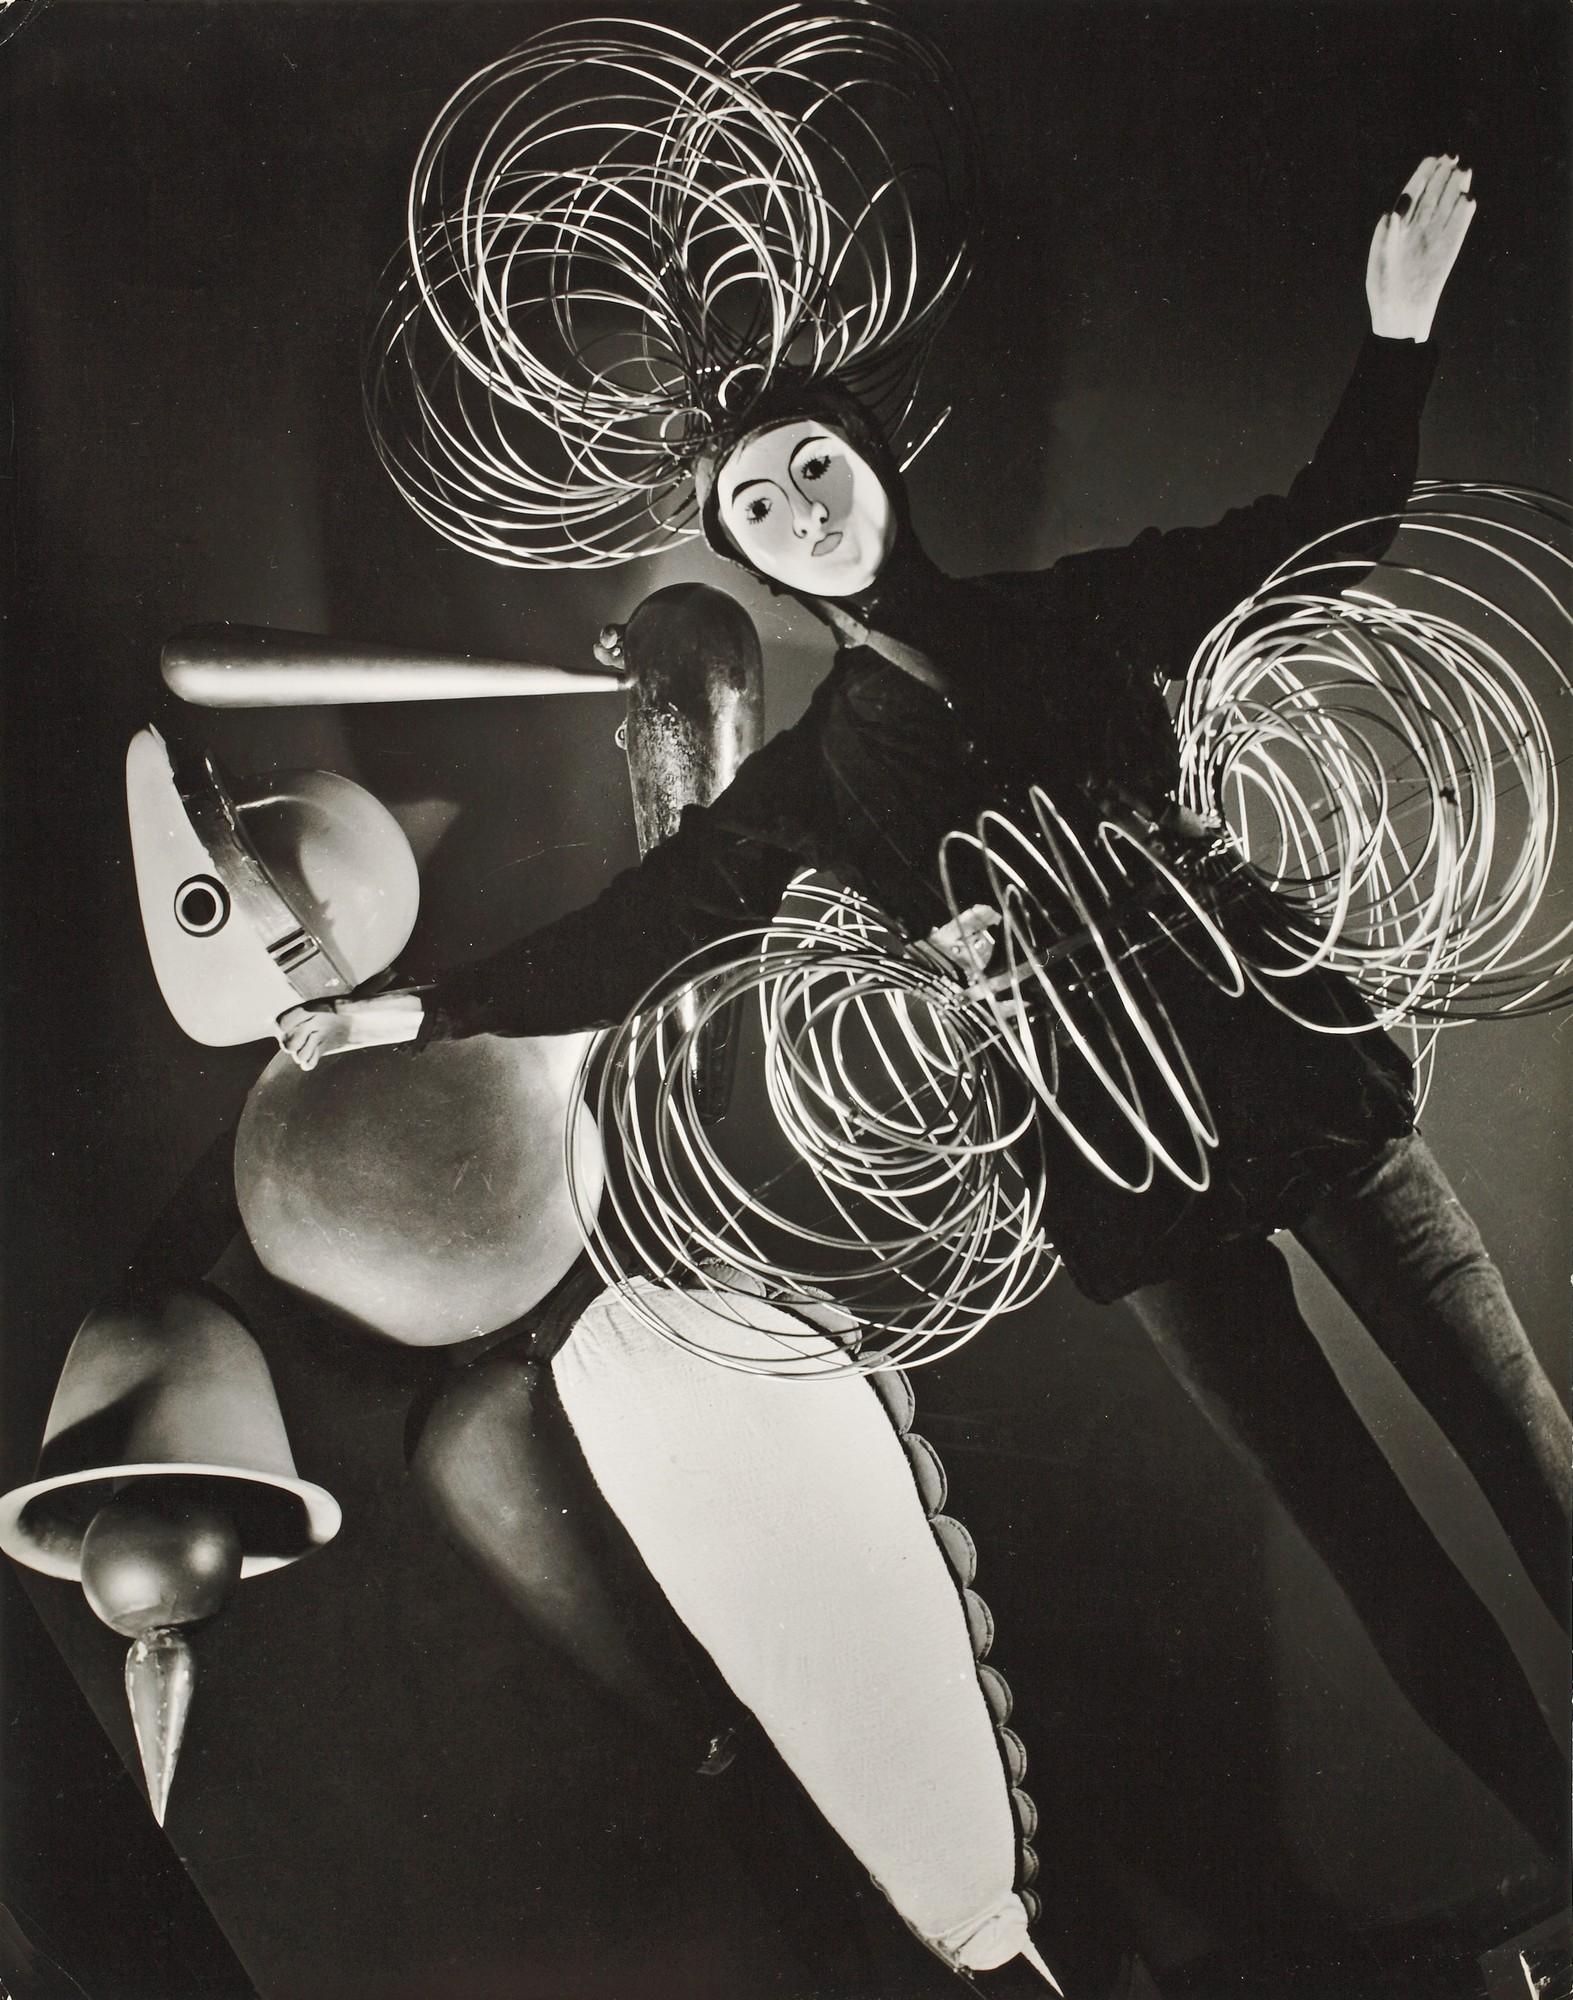 """Figura drutowa i figura abstrakcyjna z """"Baletu triadycznego"""". Zdjęcie z wystawy """"Bauhaus: 1919–1928"""", Museum of Modern Art, Nowy Jork, 1938–1939, 1938, fot. Hansel Mieth, wł. Bauhaus-Archiv Berlin (źródło: materiały prasowe organizatora)"""